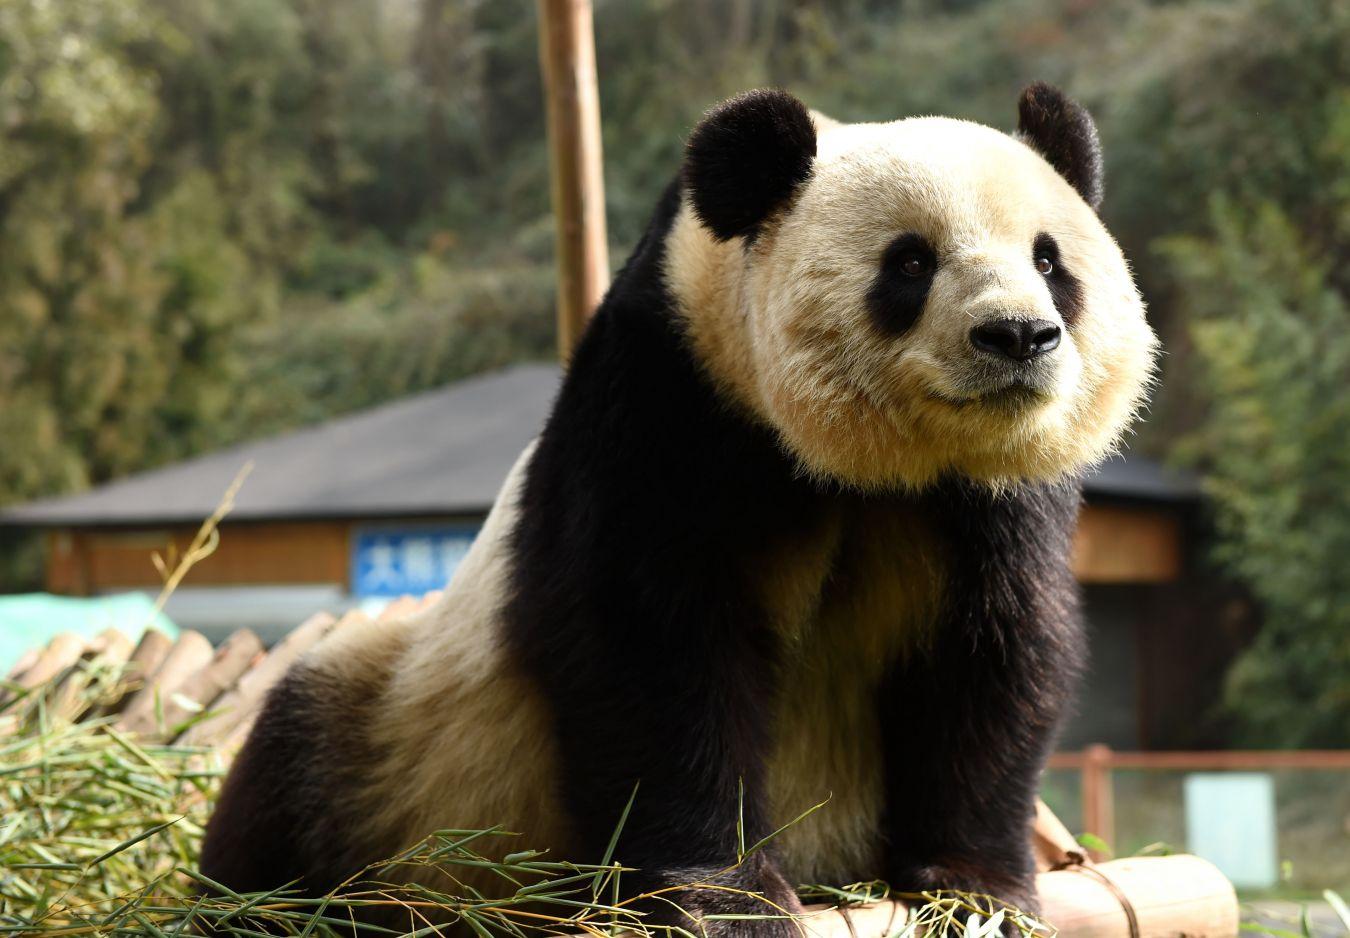 壁纸 大熊猫 动物 1350_938